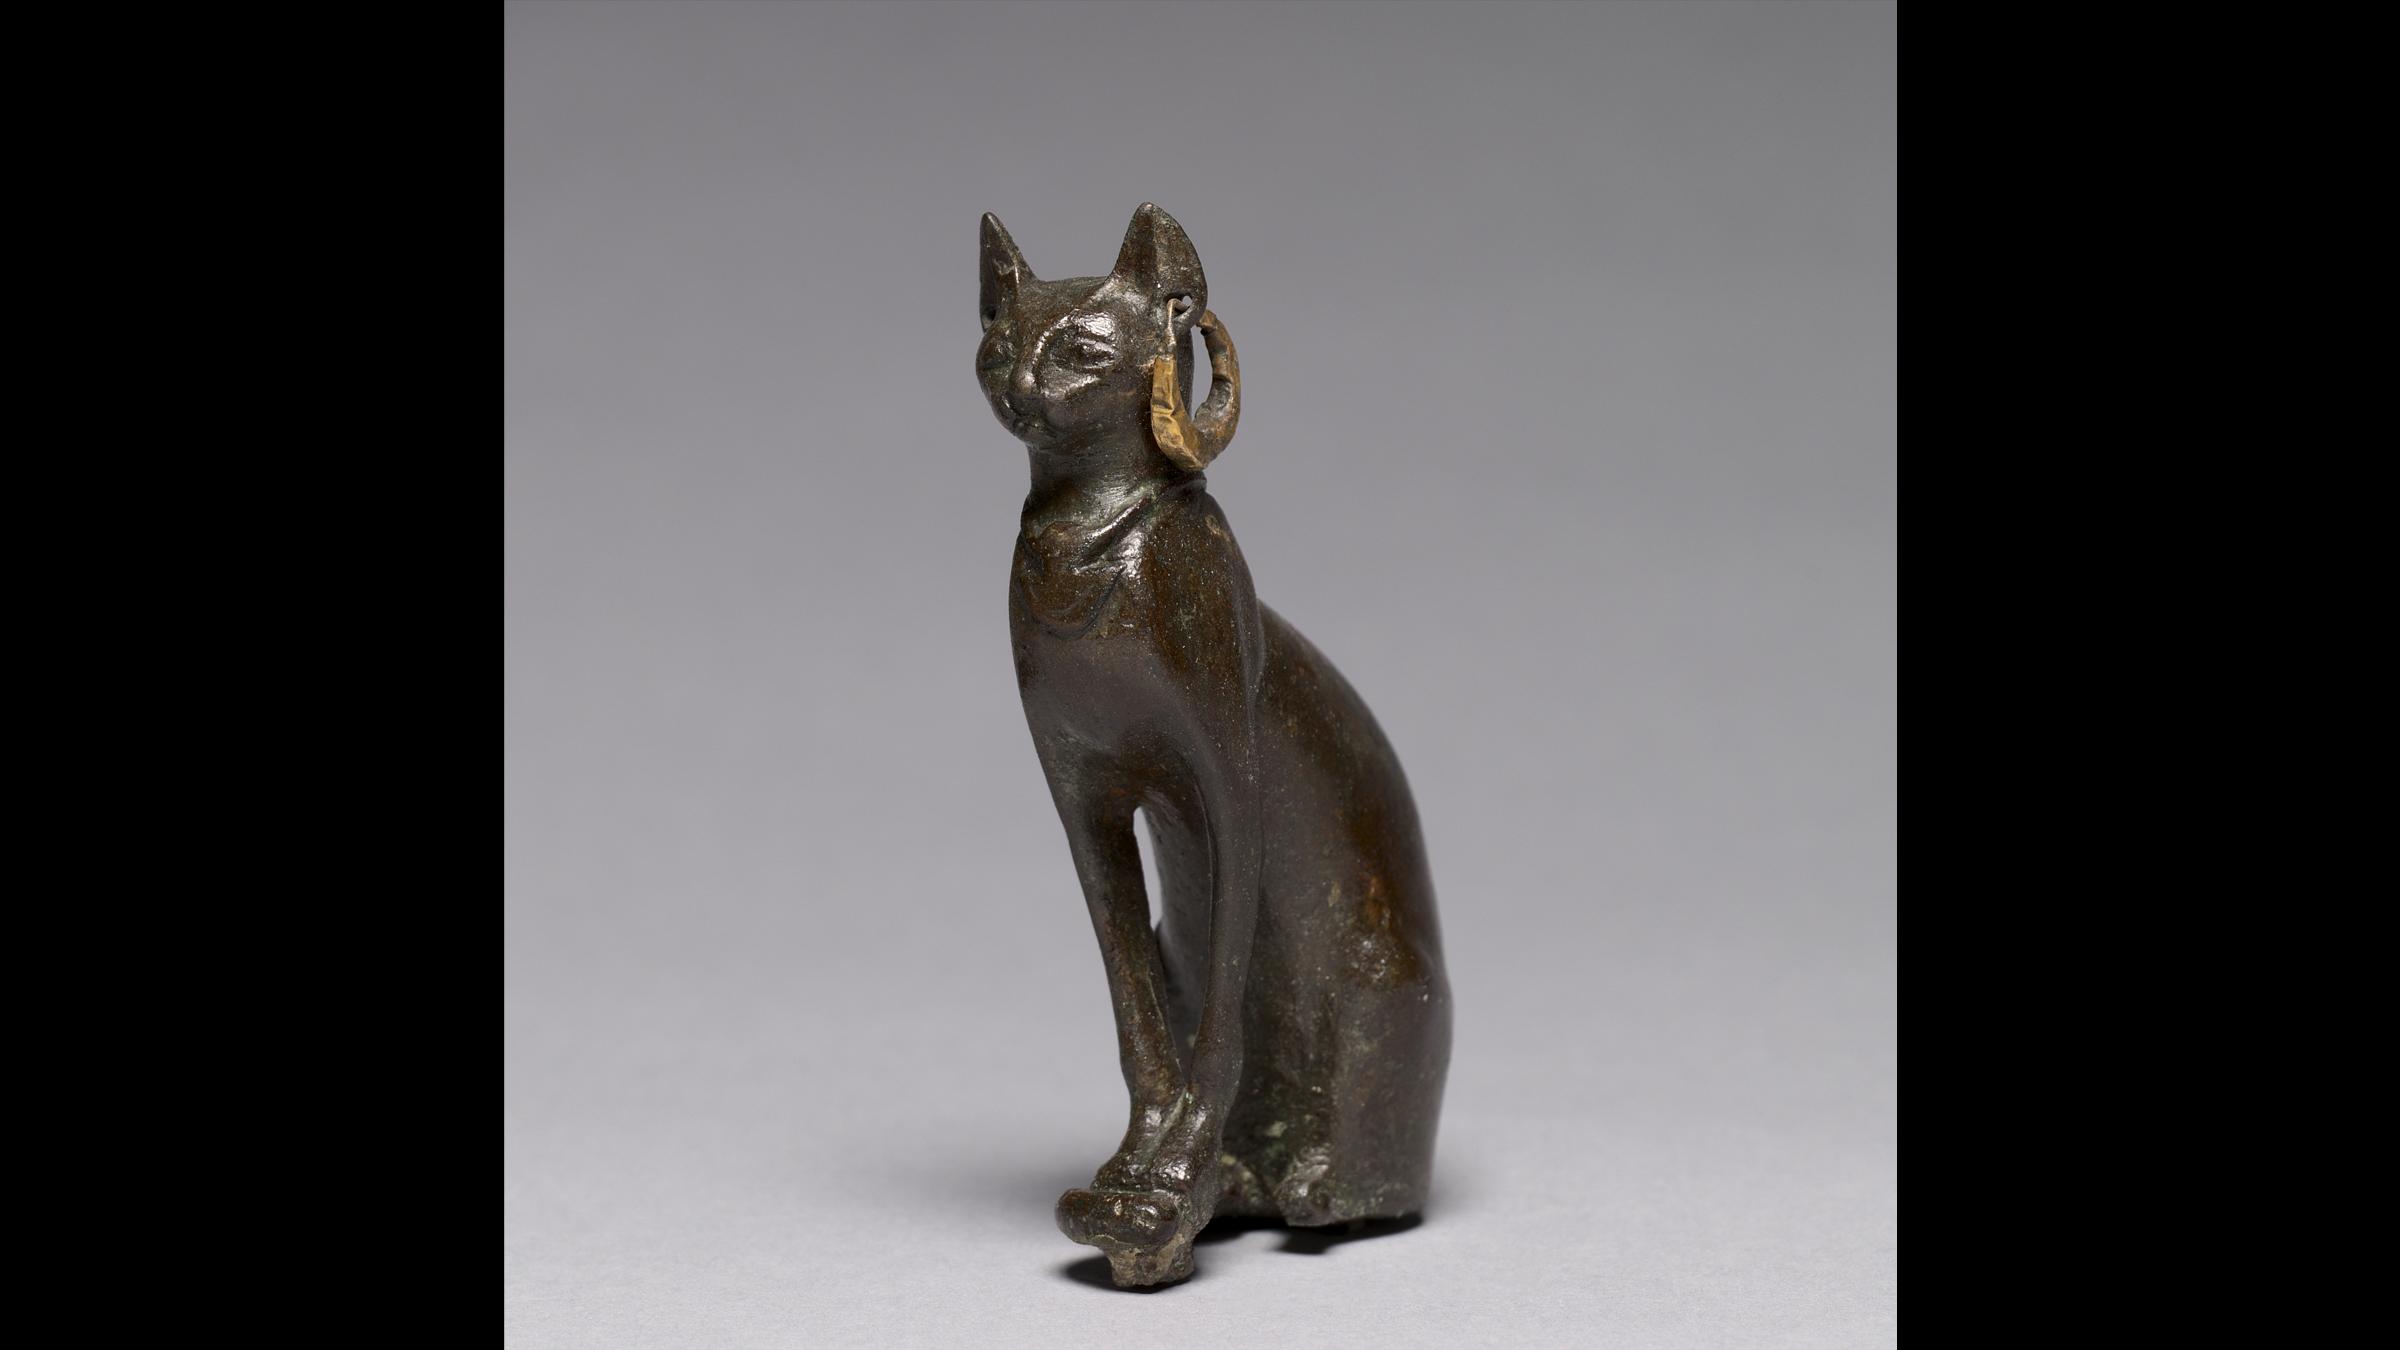 Un chat en bronze et or datant de 664-30 av.J.-C., période tardive de l'Égypte, dynastie 26 ou ultérieure.